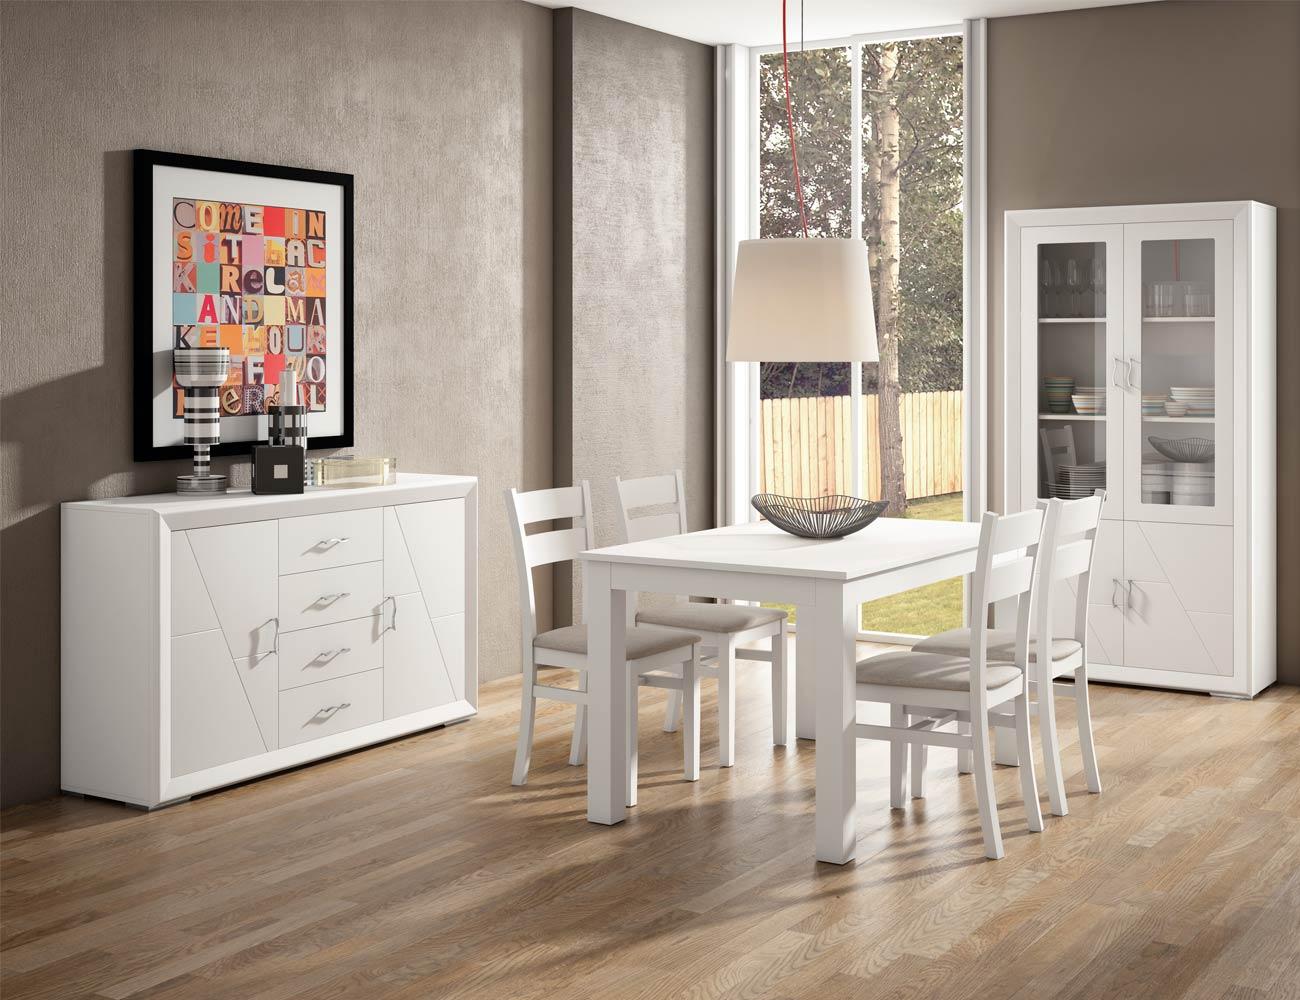 Mueble vitrina 2 puertas en madera en color blanco lacado for Salon comedor lacado blanco